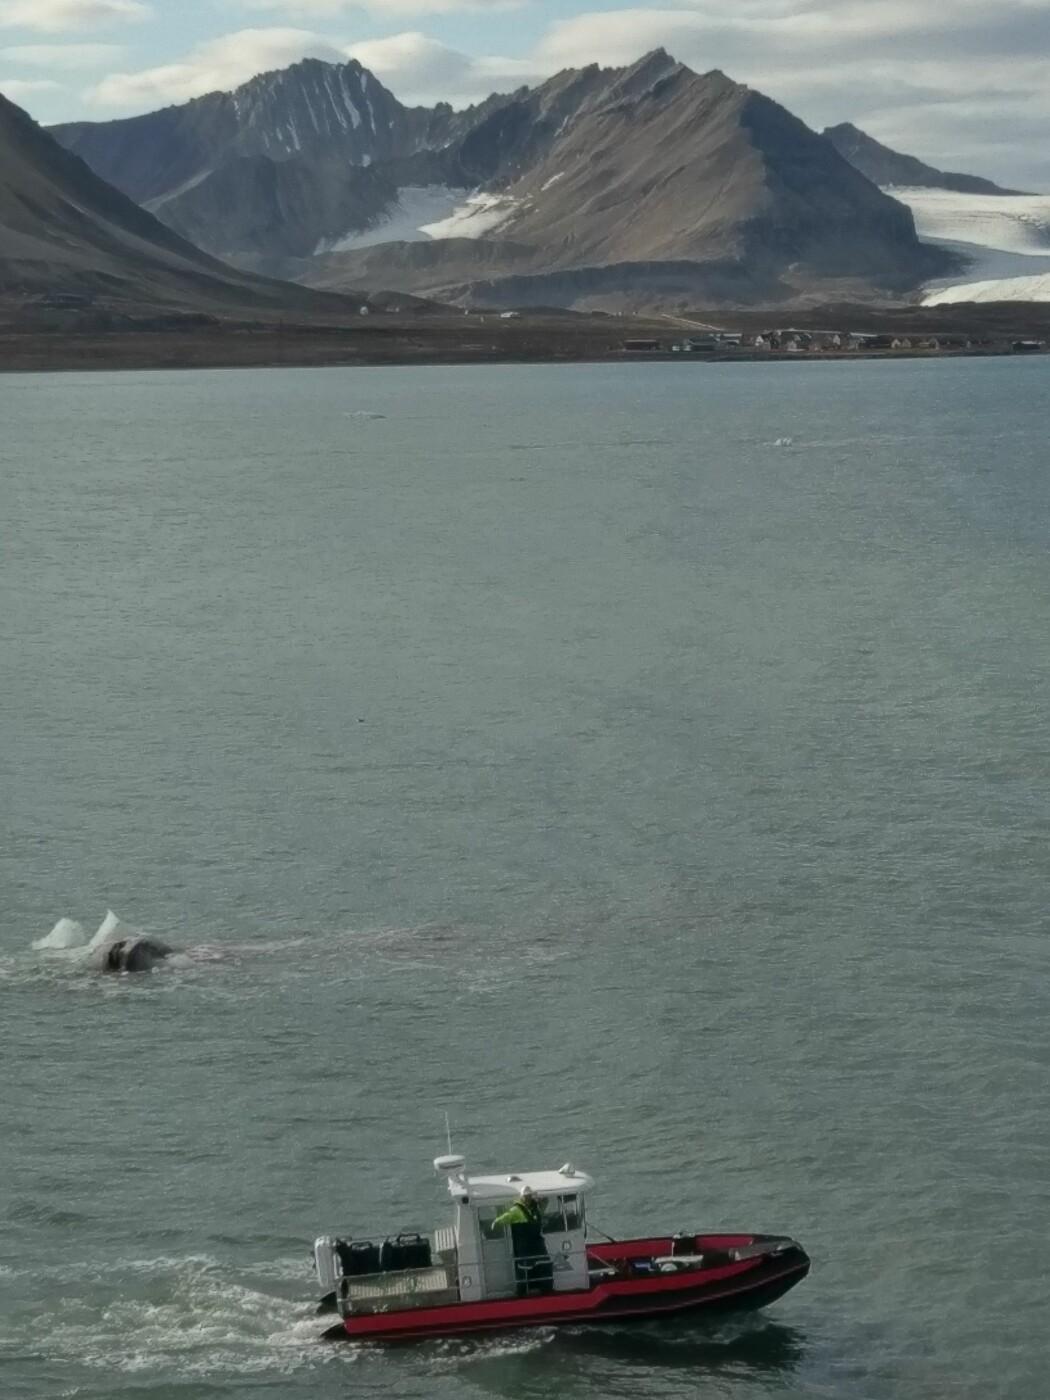 Kobben II med Ny-Ålesund og Brøggerbreene i bakgrunnen. (Foto: Mareano)